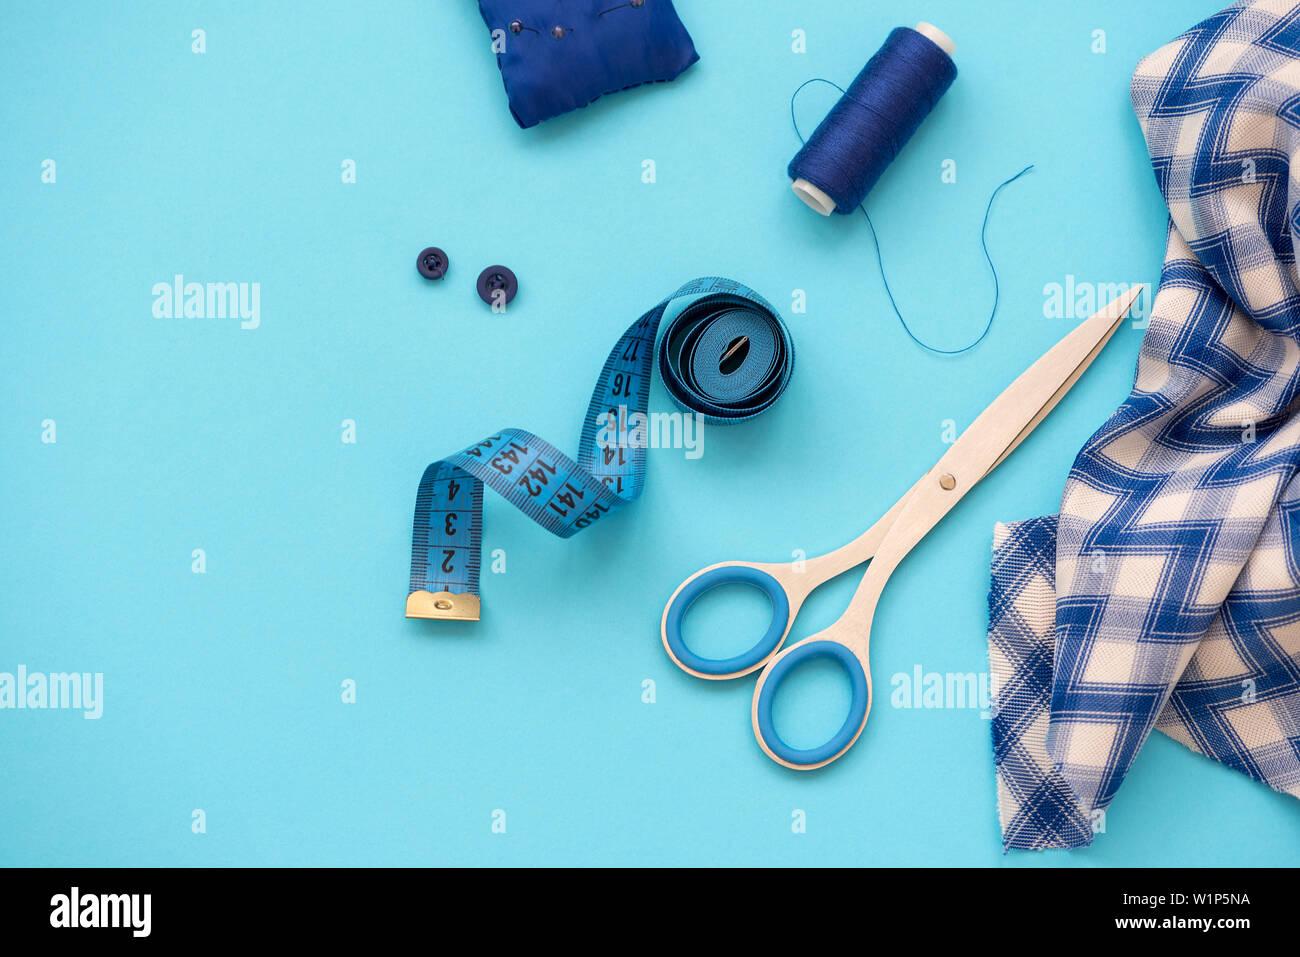 Accesorios de costura con hilos, tijeras, alfileres, tela, botones y cintas de coser sobre fondo azul. Vista desde arriba. Sentar planas. Foto de stock